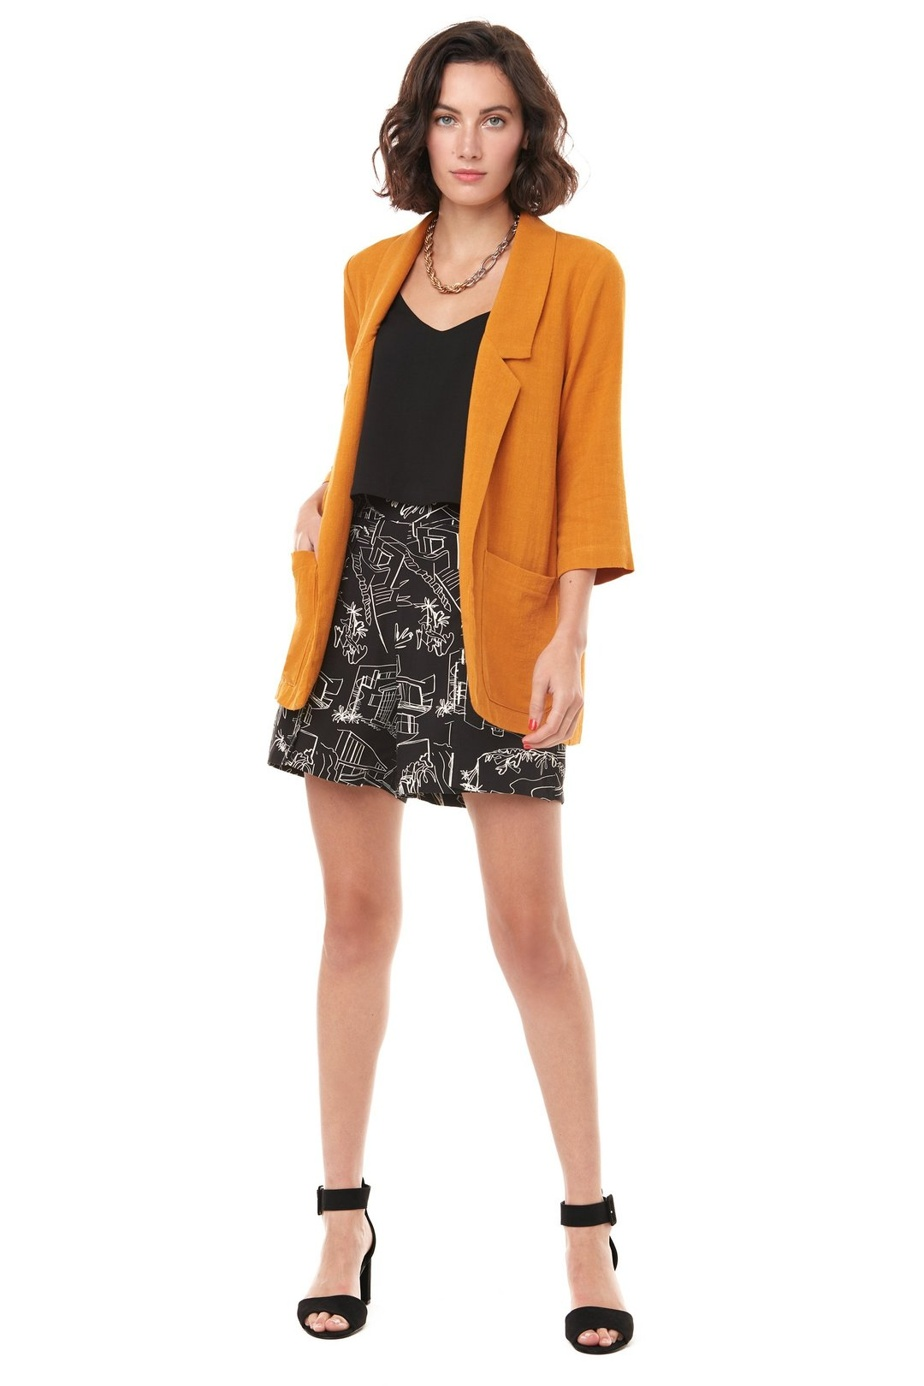 Chez Annie50, ce sont les couleurs vives qui définissent la collection printemps-été. Sur la photo: la veste Old Fashioned en viscose et en lin (225$) et le short Johnny Castle en rayonne et en viscose (155$).